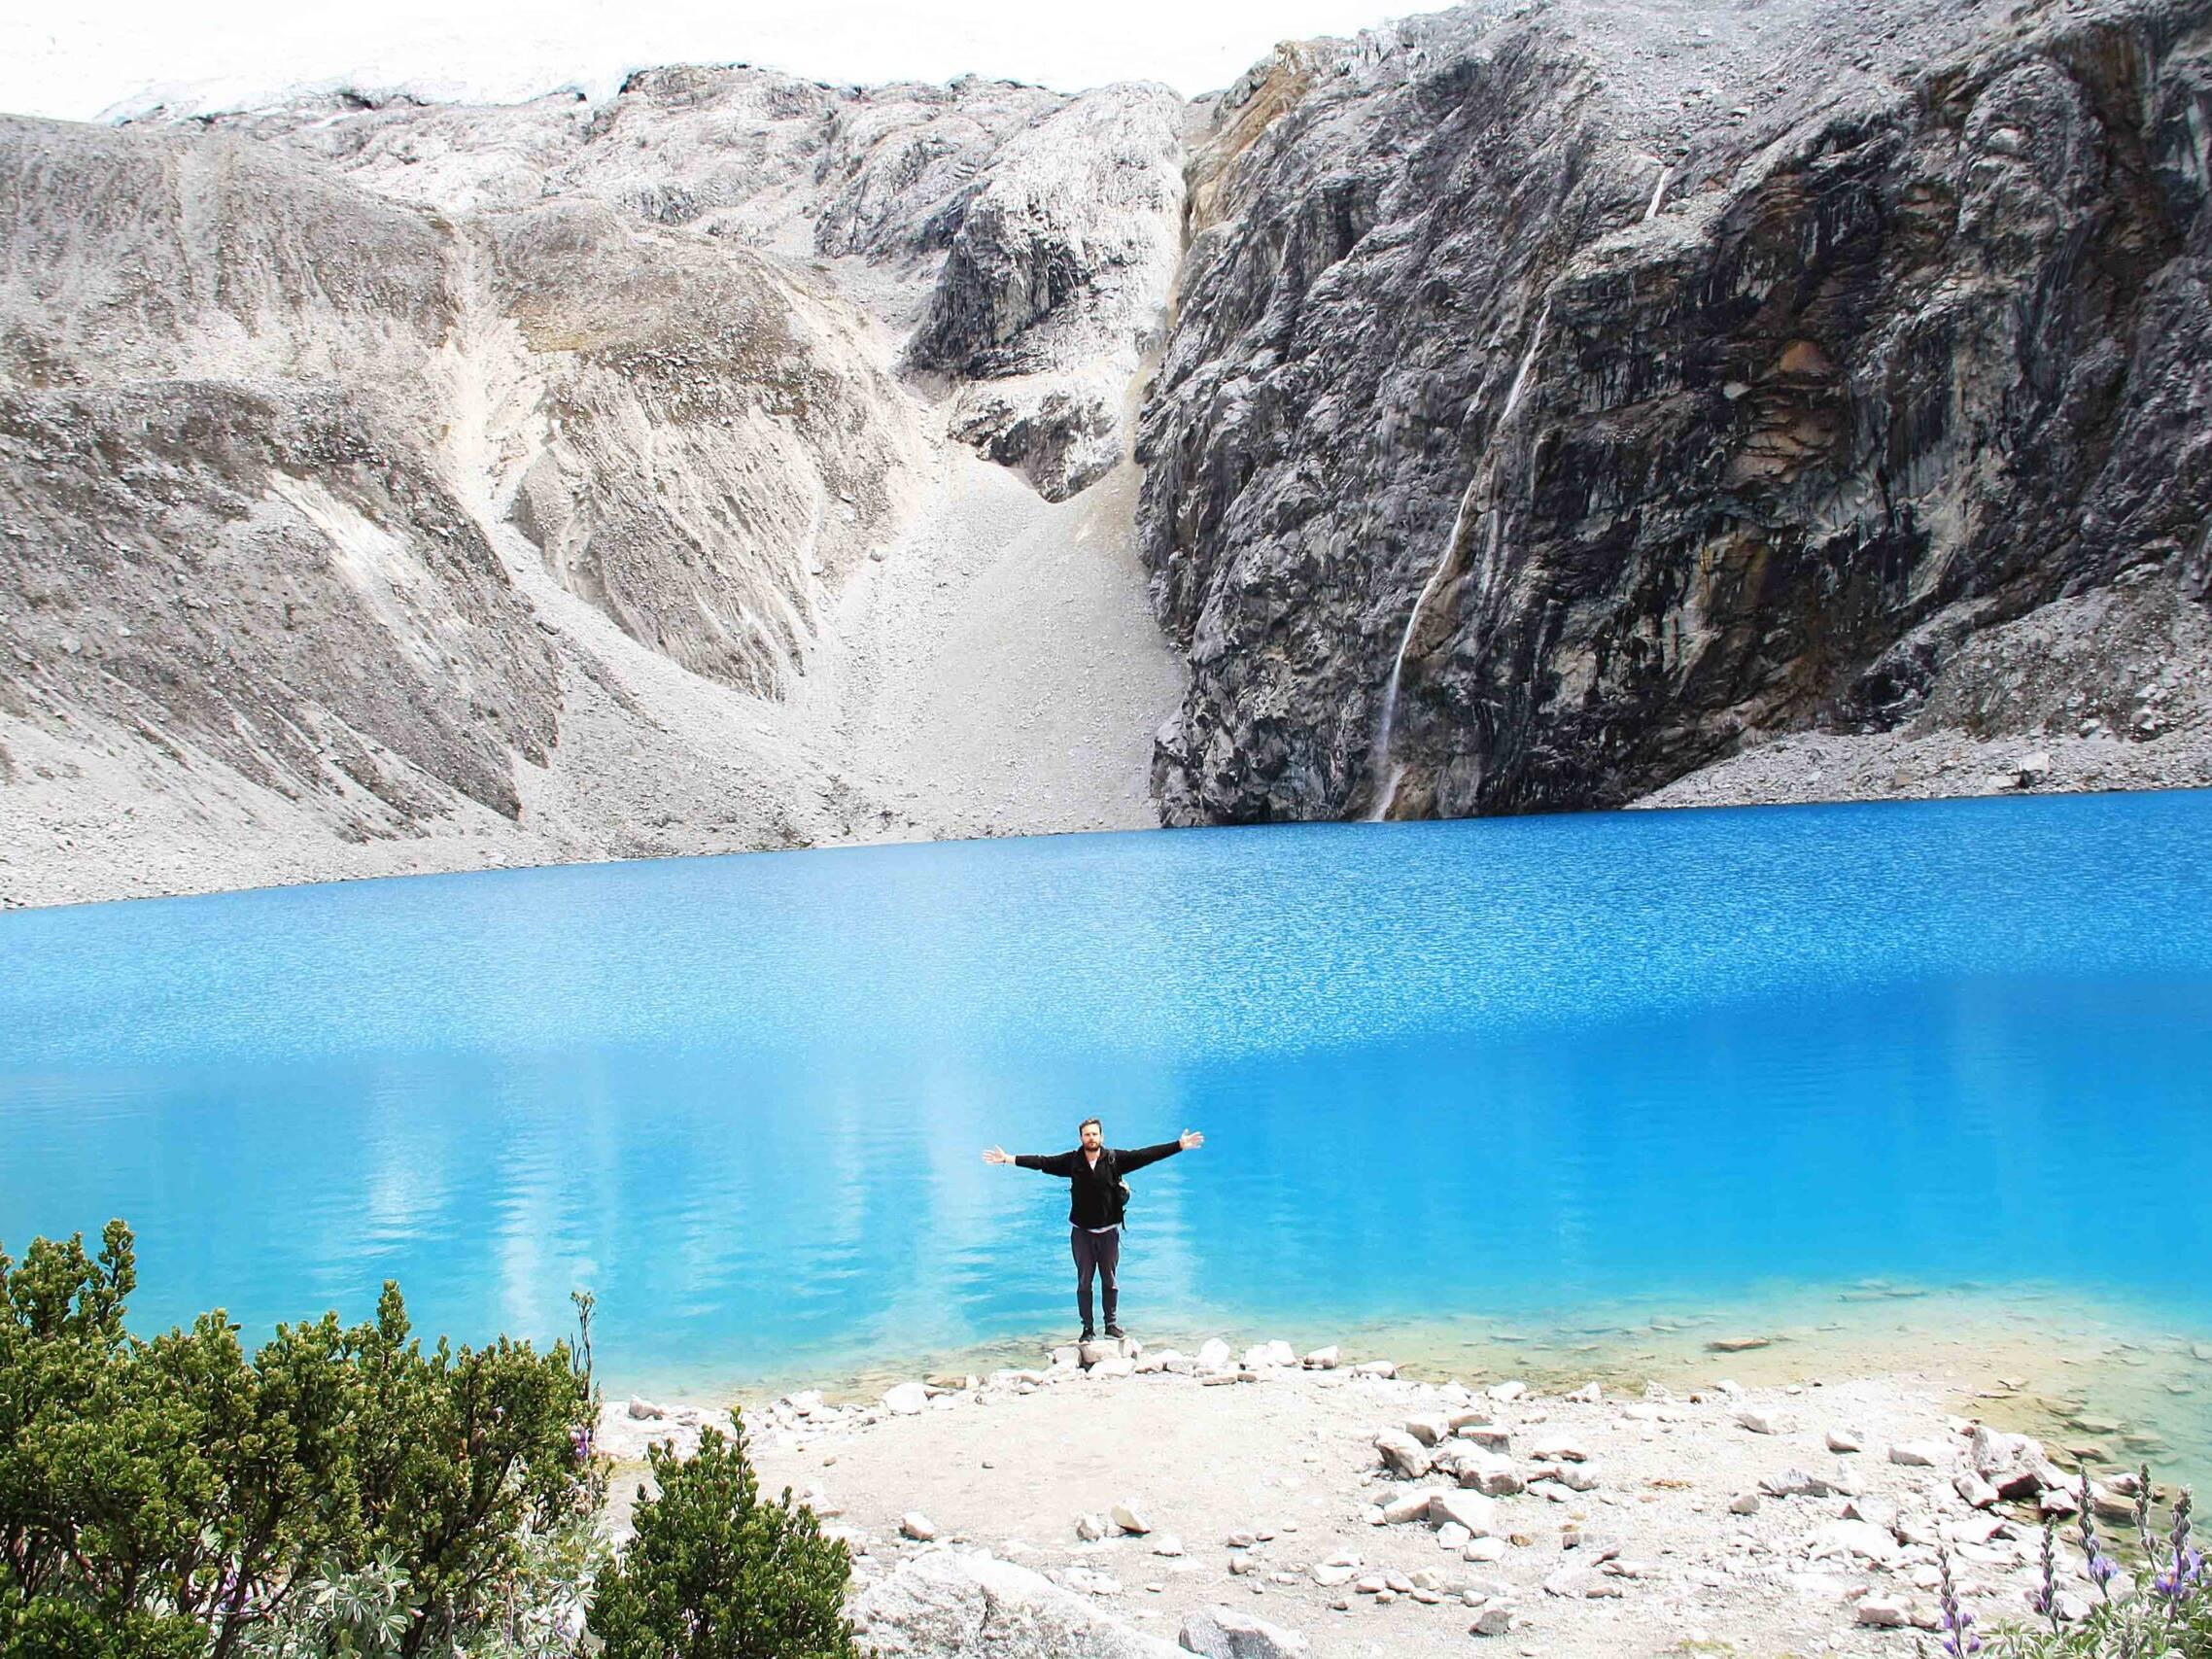 laguna 69 huaraz in Peru